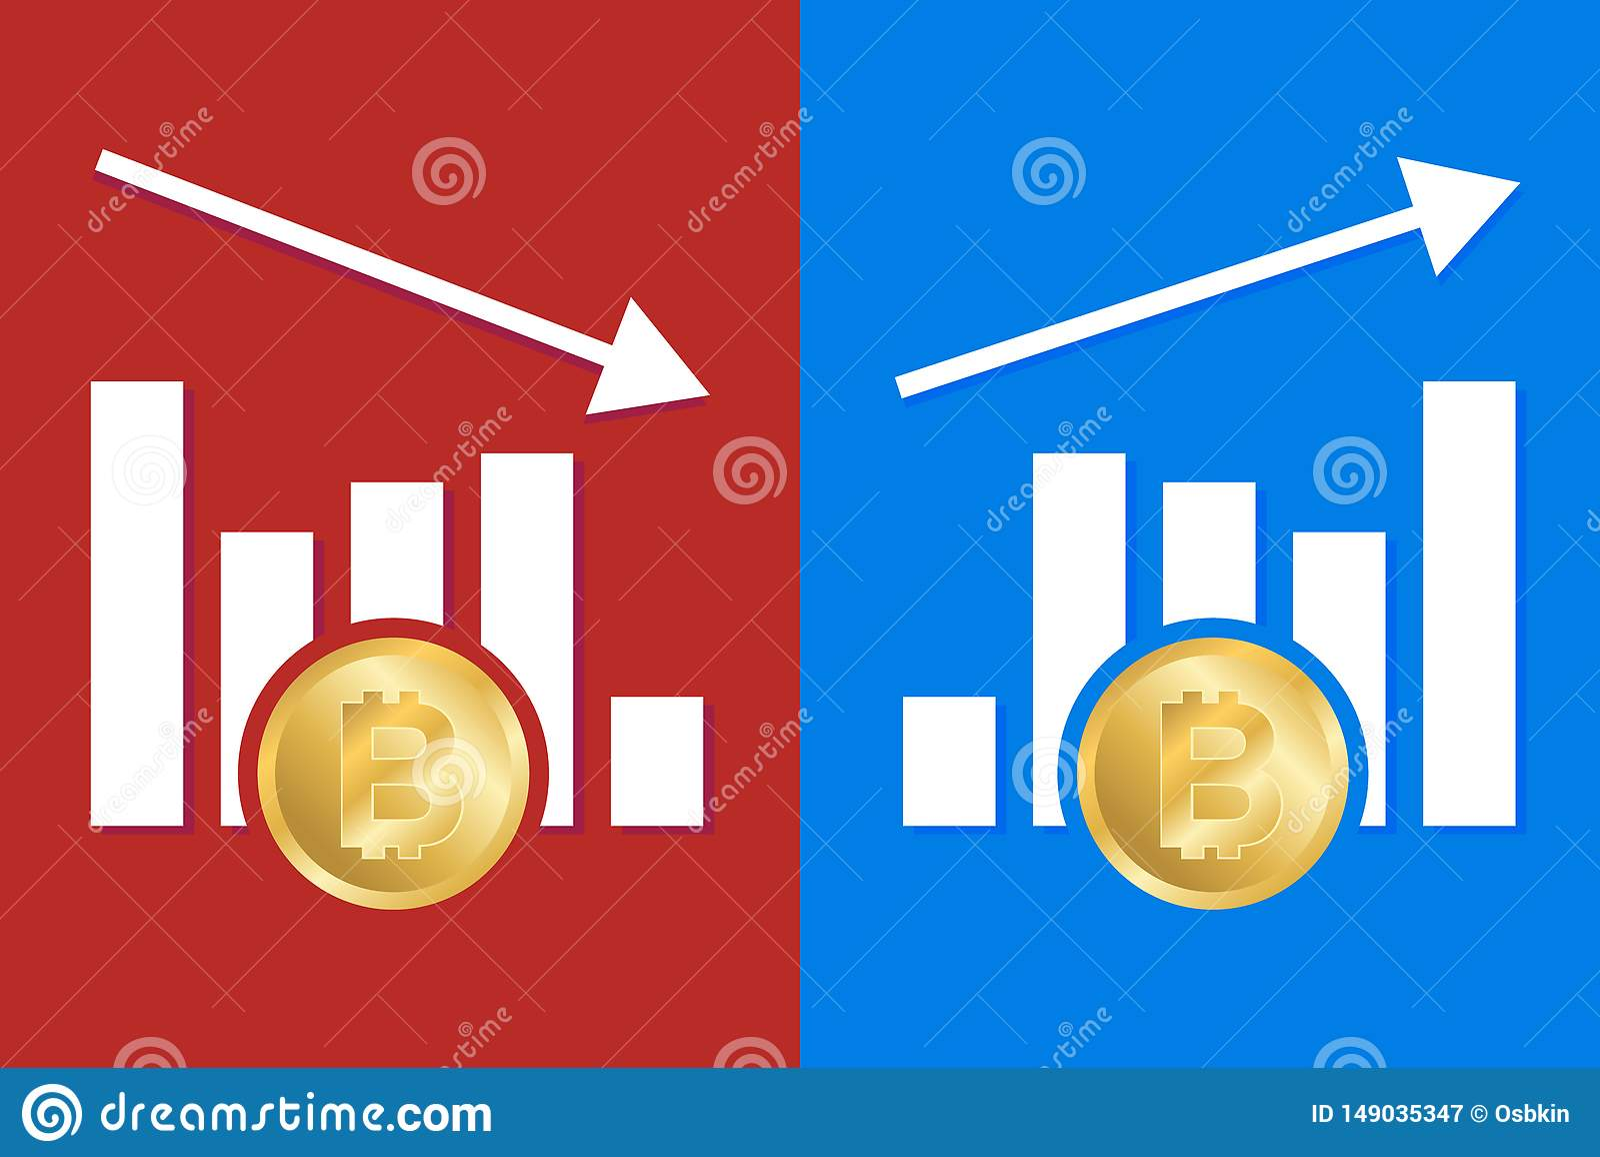 Graphic increase decrease bitcoin